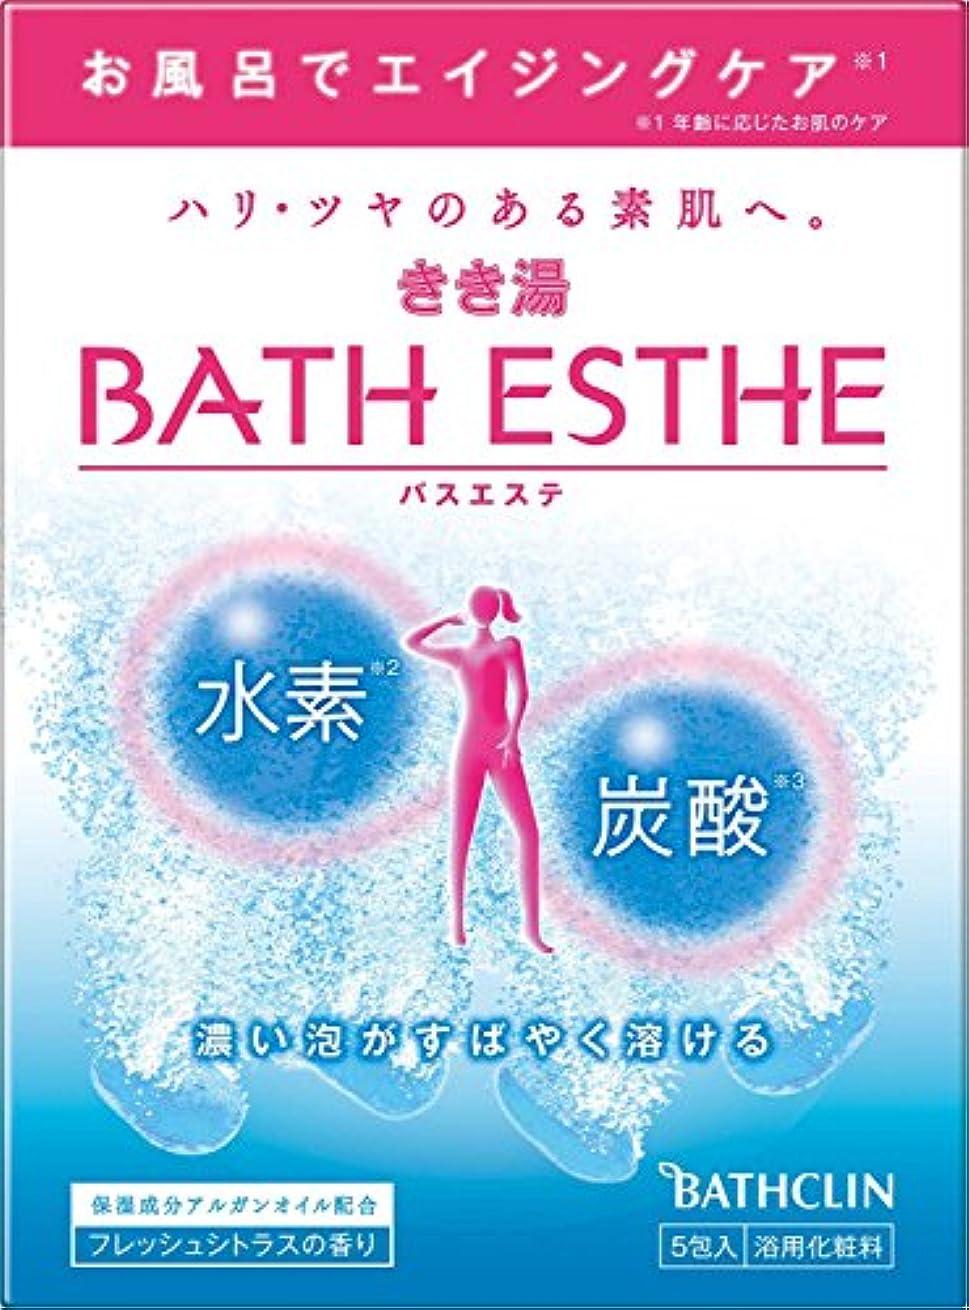 シビック嫌悪ゲージきき湯バスエステ炭酸水素入浴剤 フレッシュシトラスの香り50g×5包入り 発泡タイプ 個包装